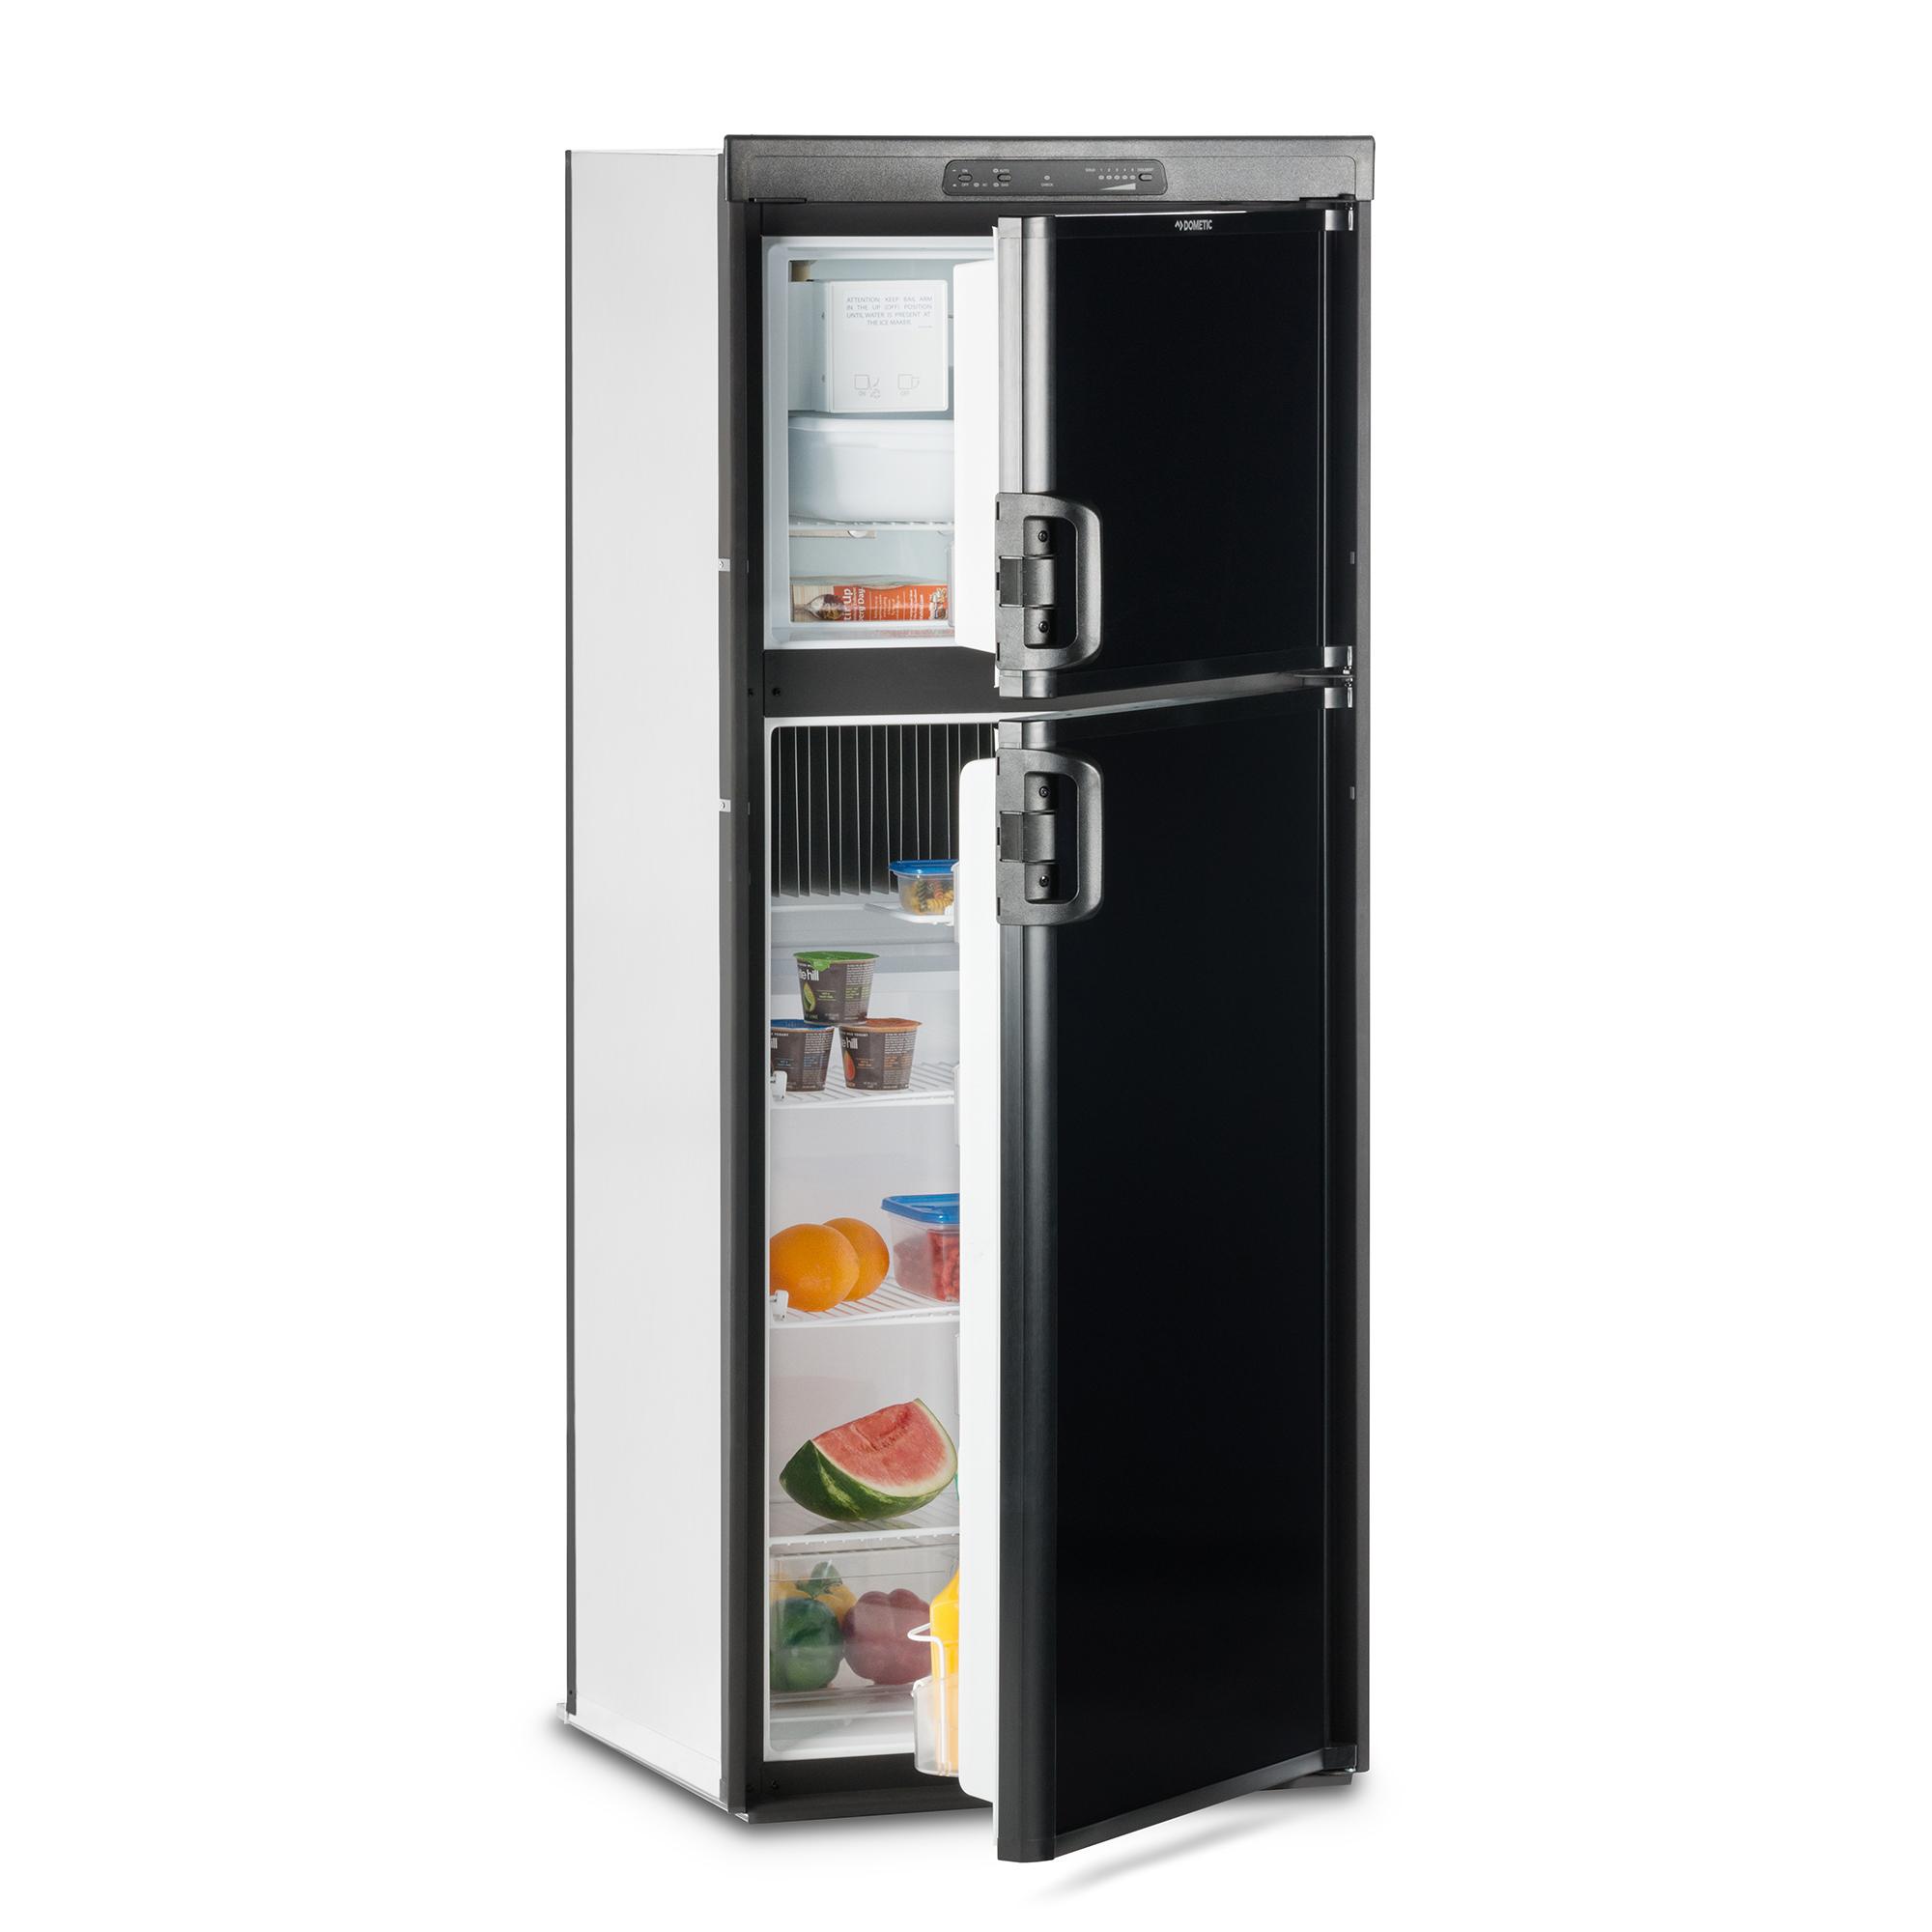 Dometic Americana RM2652 2-Way Refrigerator, Double Door, 6.0 Cu. Ft. photo